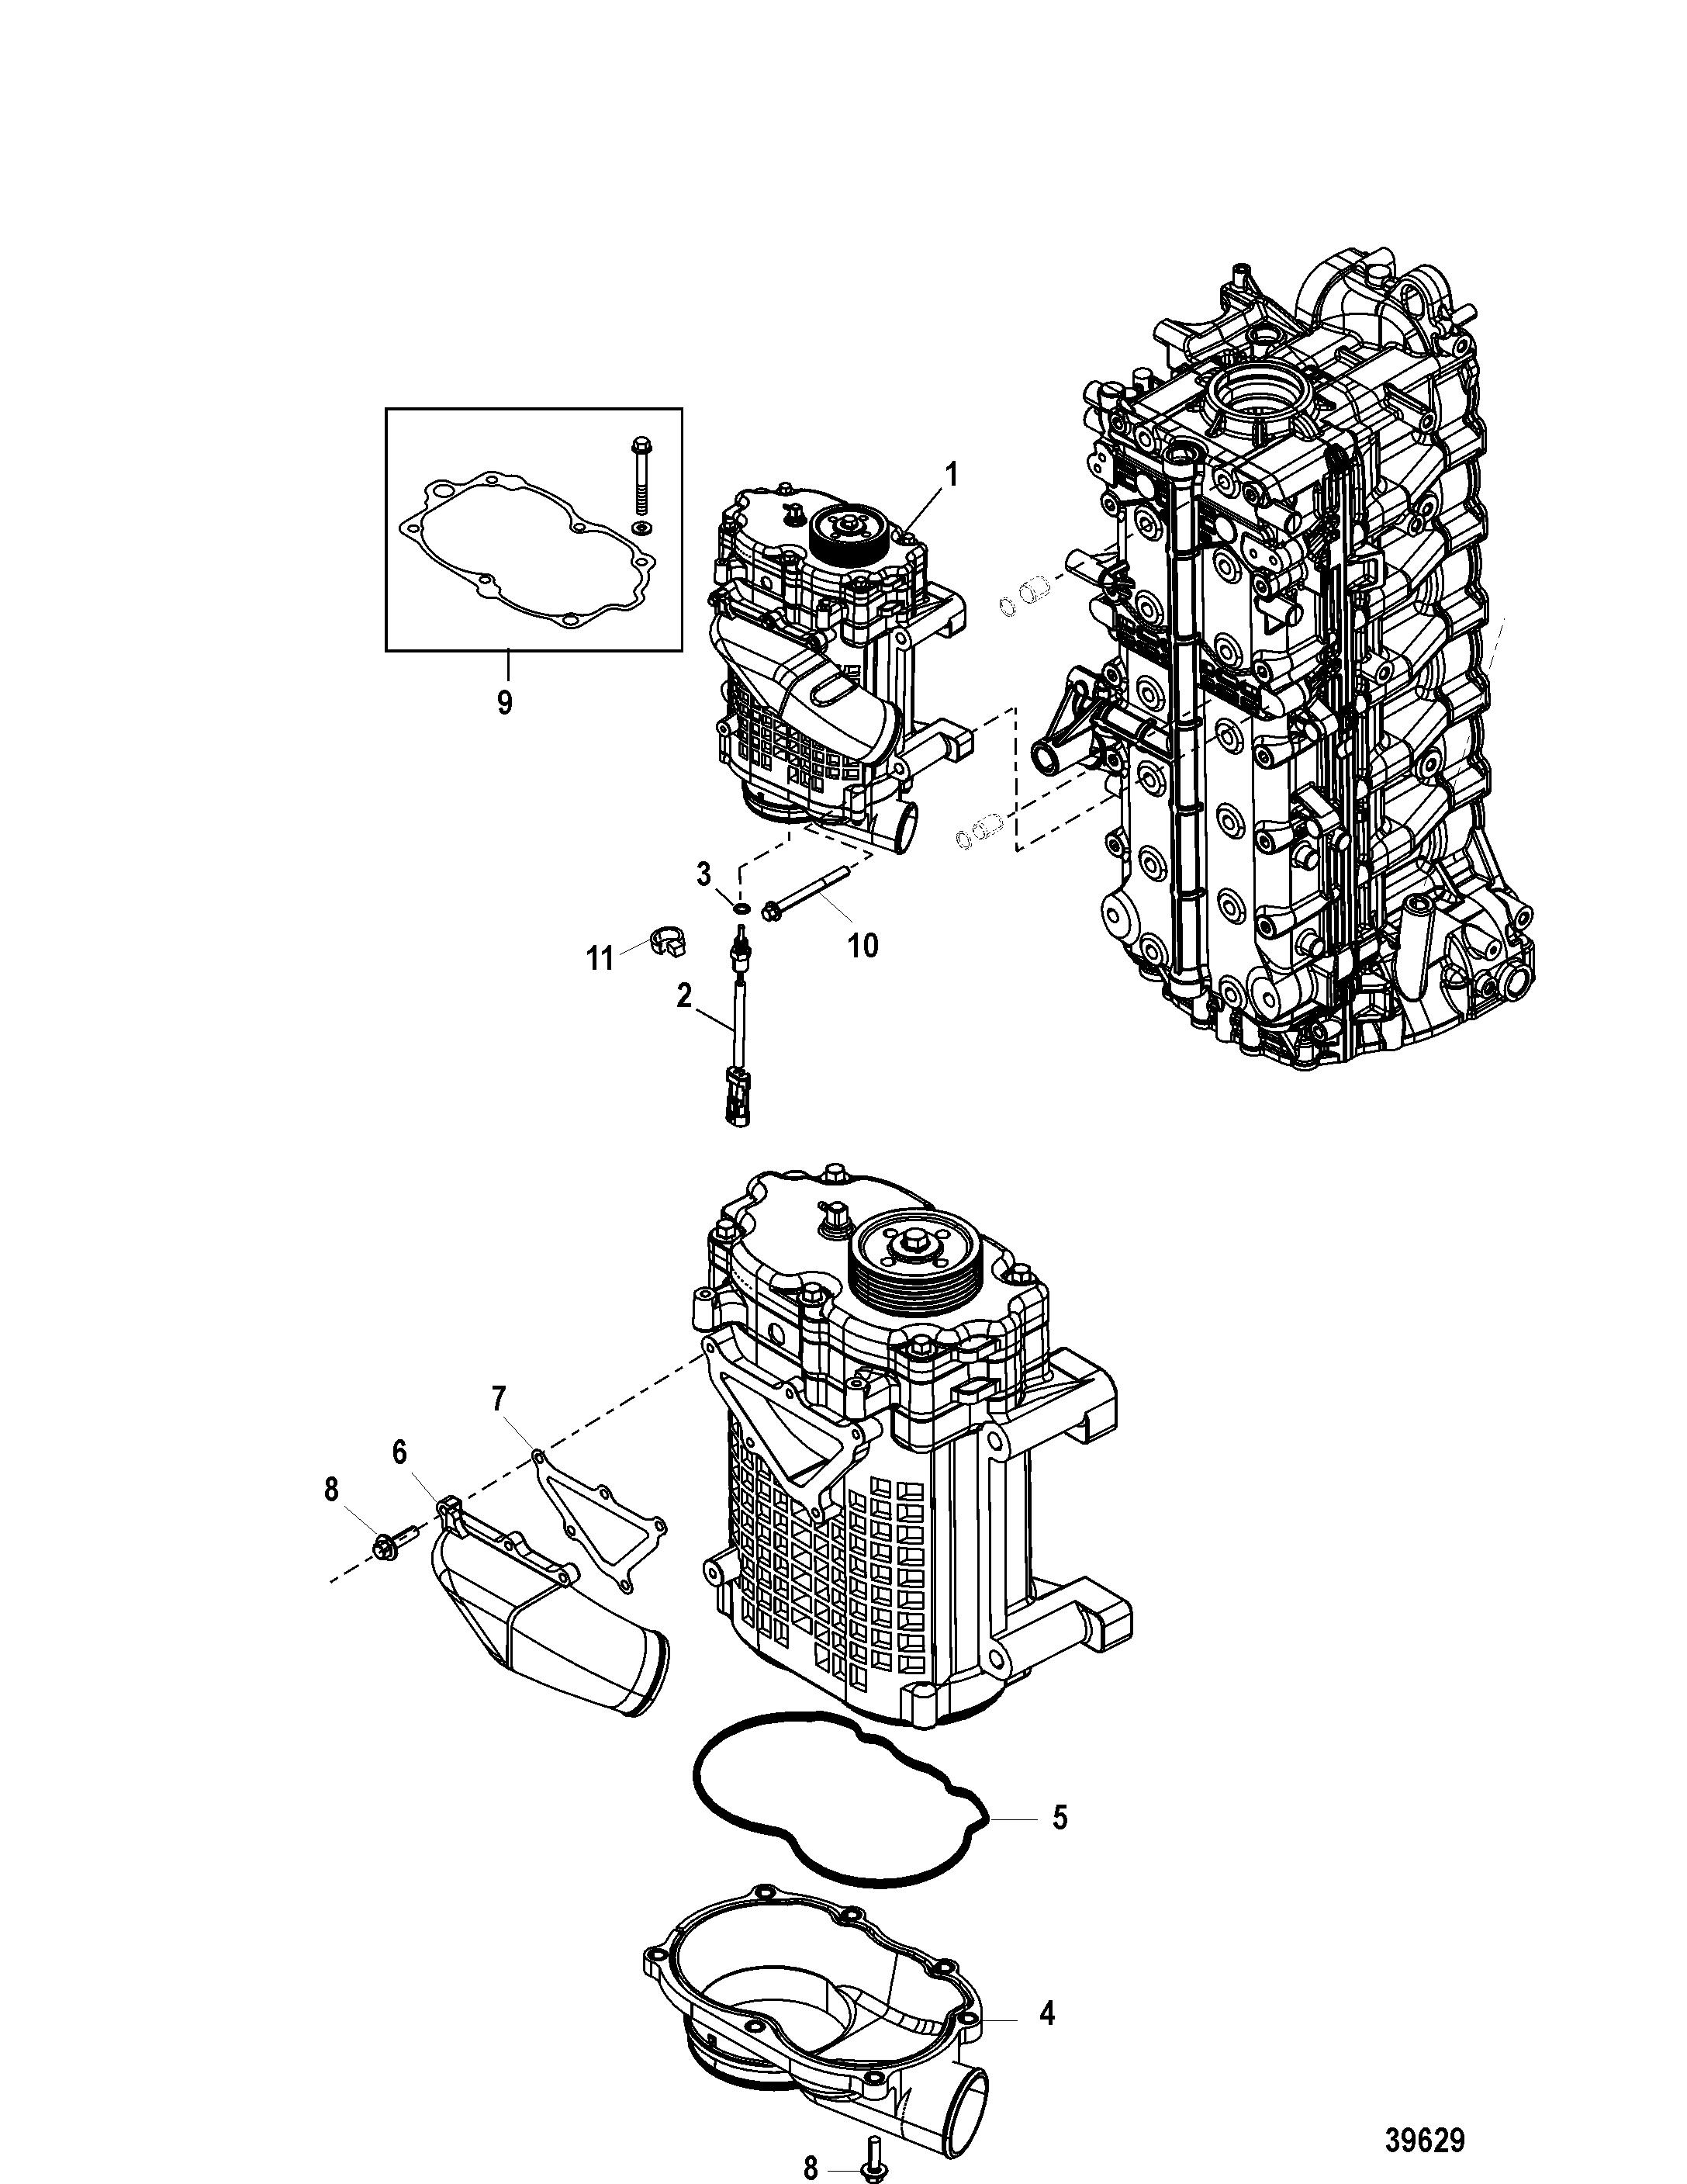 2006 mercury verado engine diagram